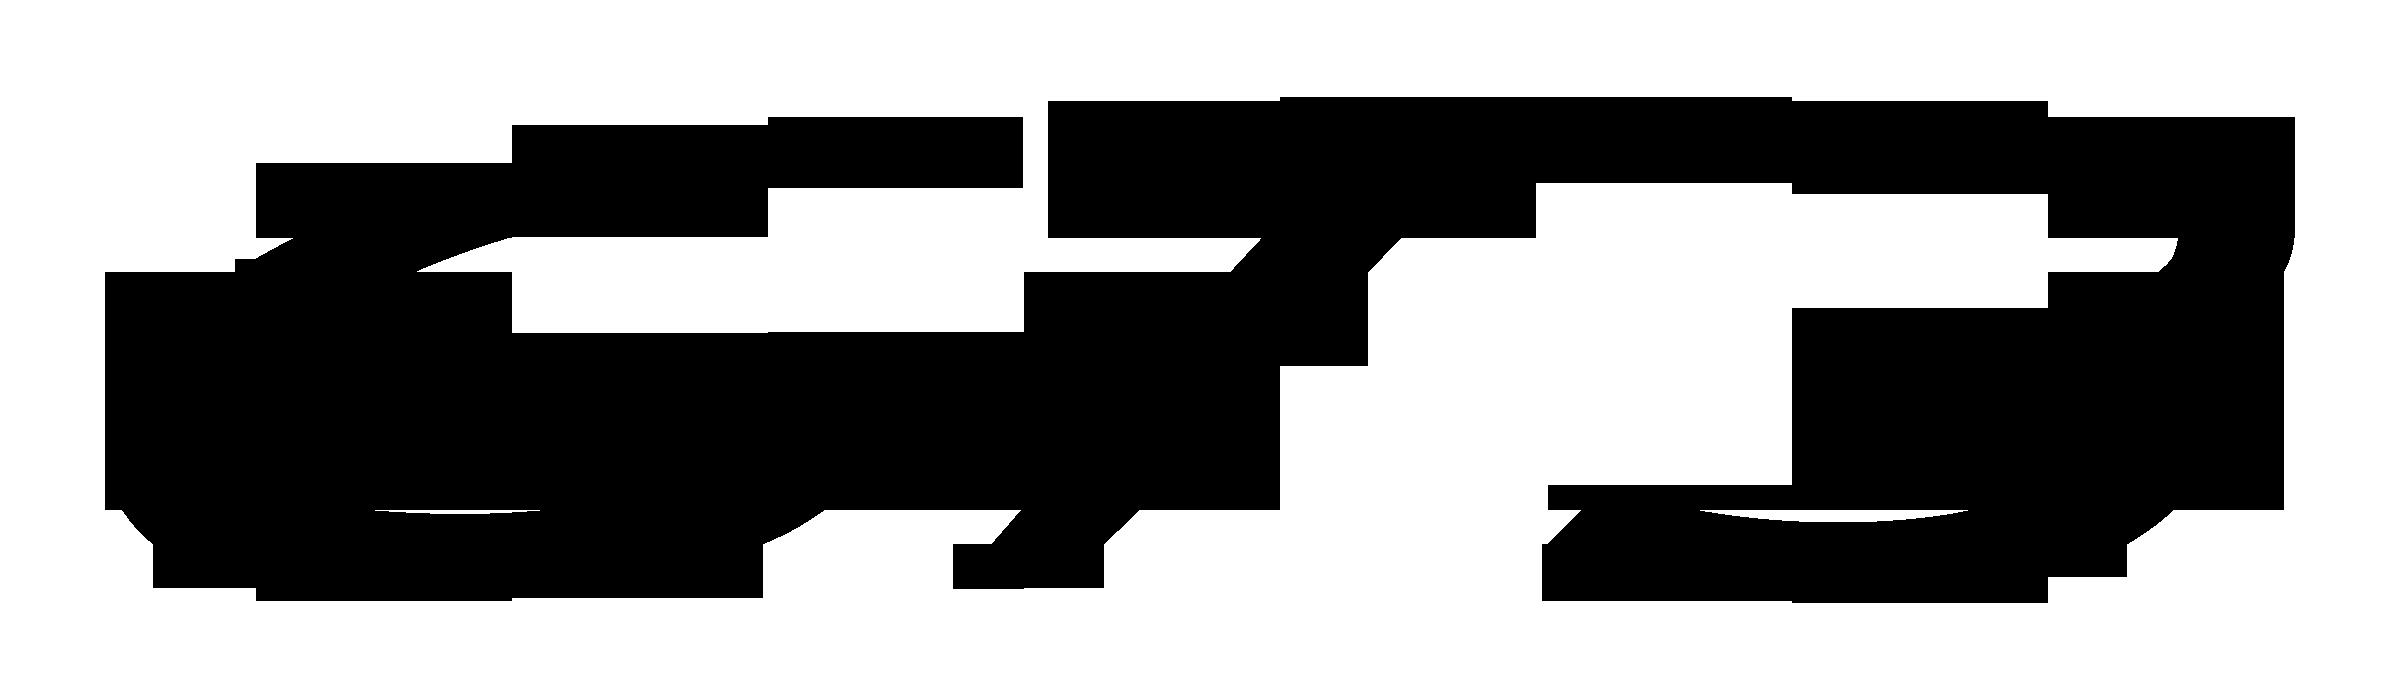 لوگو پورشه (1).png